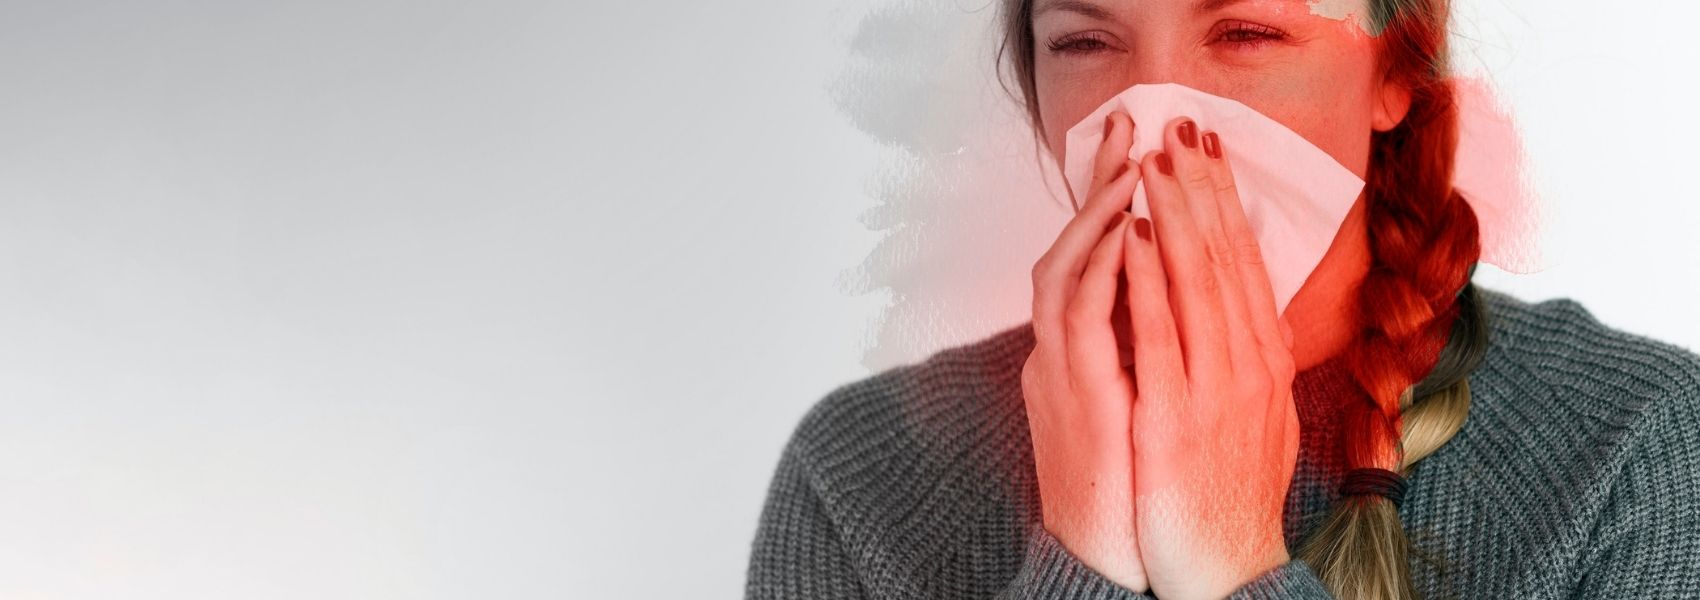 As estações das alergias chegam mais cedo e estão mais longas